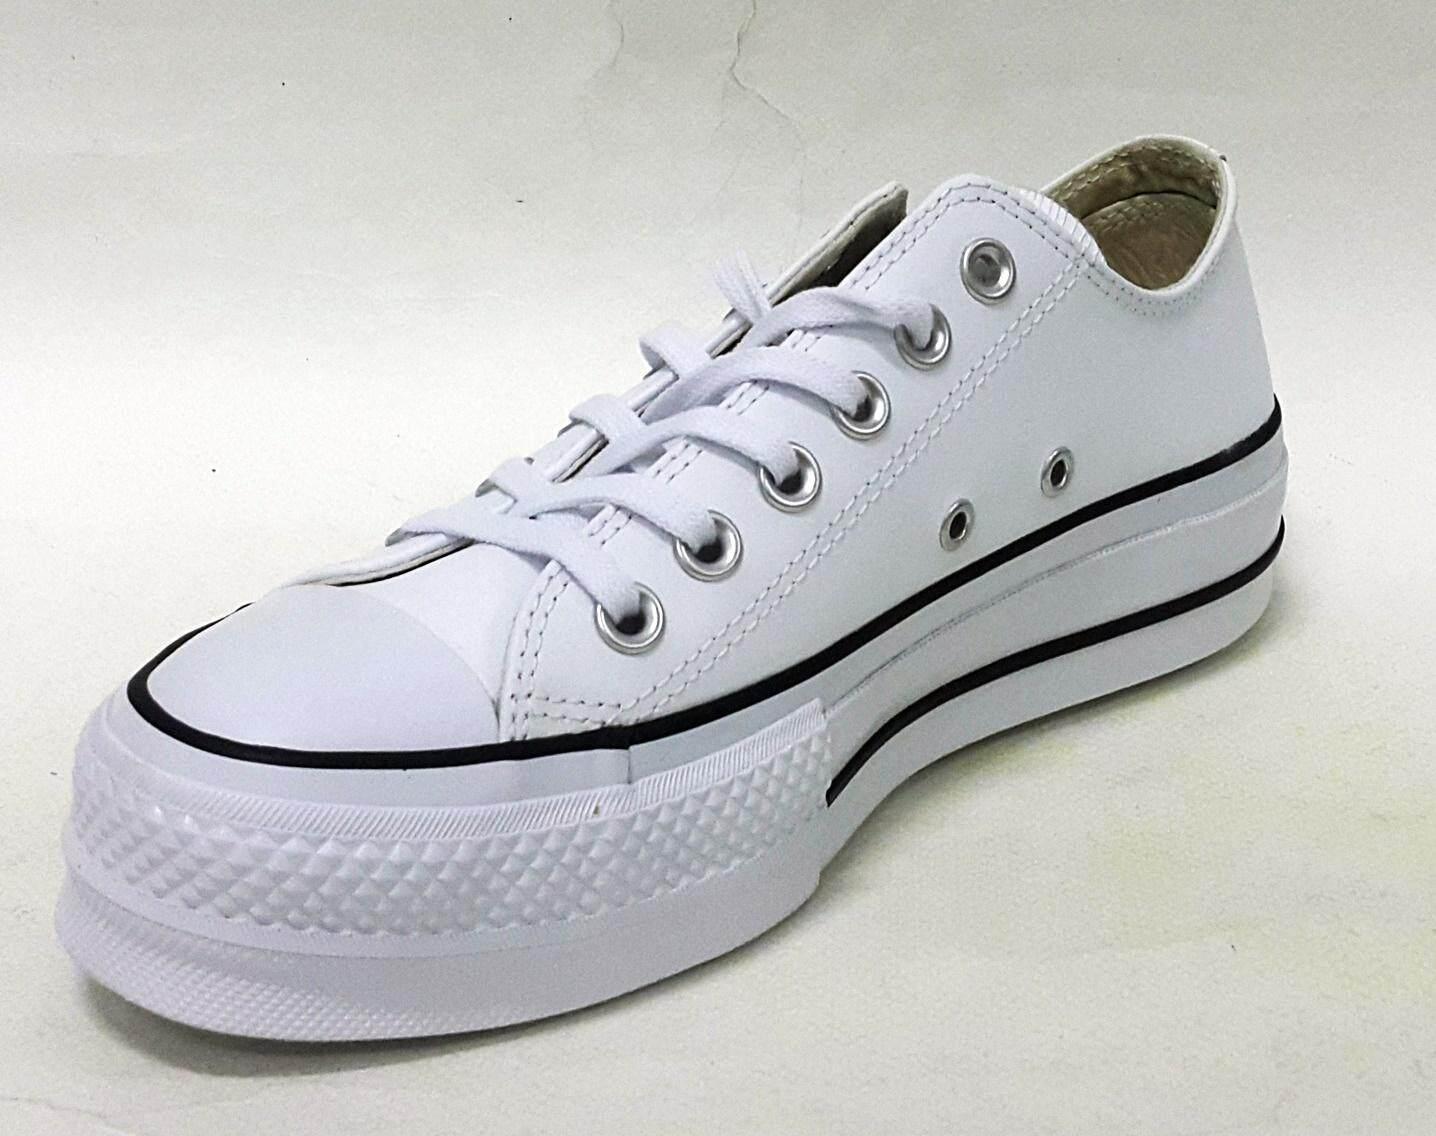 สอนใช้งาน  สกลนคร รองเท้า converse หนังแท้ รุ่น CHUCK TAYLOR ALL STAR LIFT CLEAN – OX – LEATHER 561680 CWW